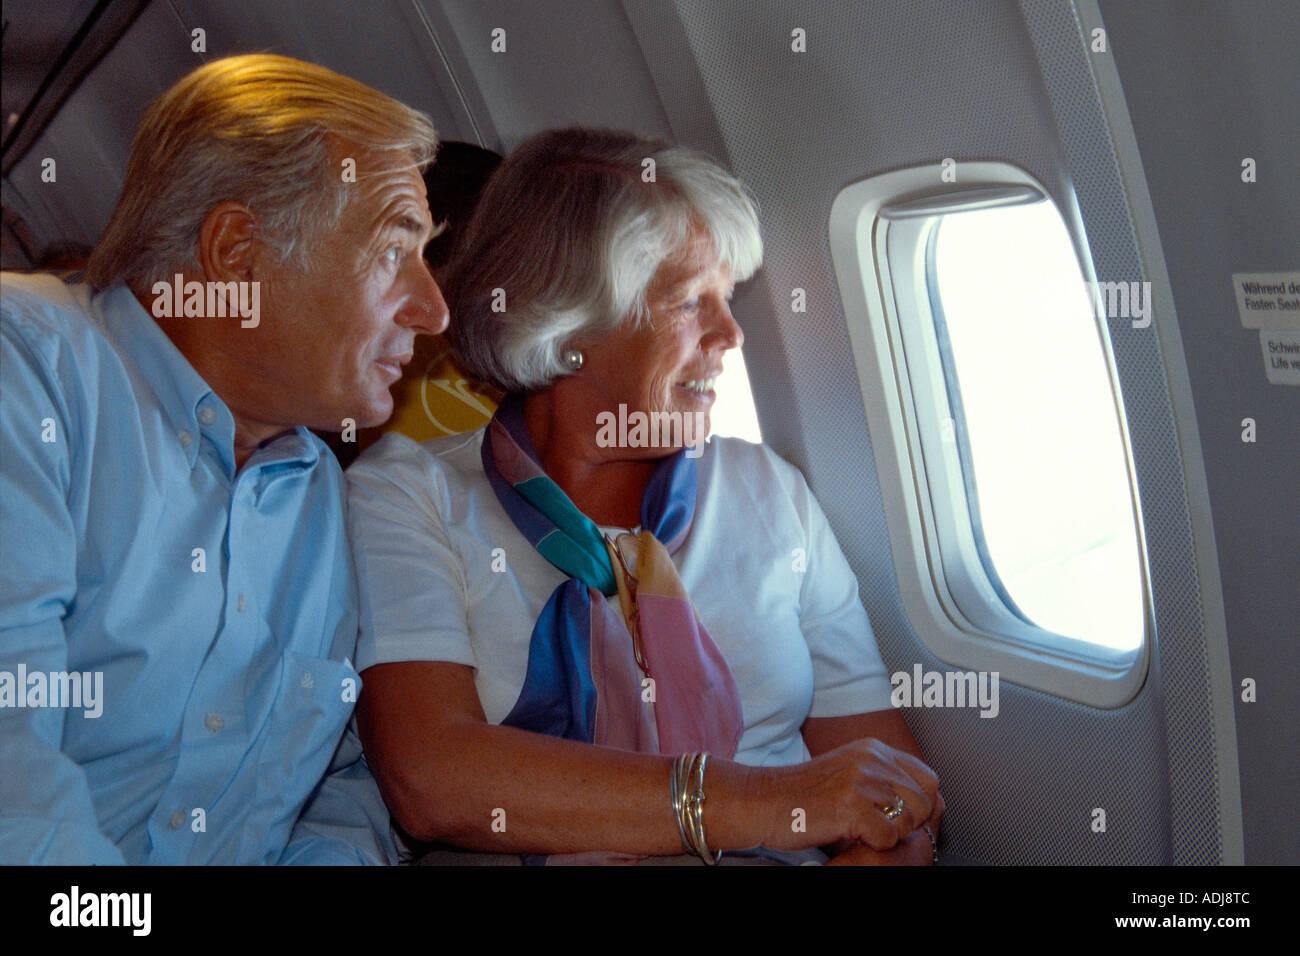 Seniorenpaar im Flugzeug aus dem Fenster schauend Stock Photo